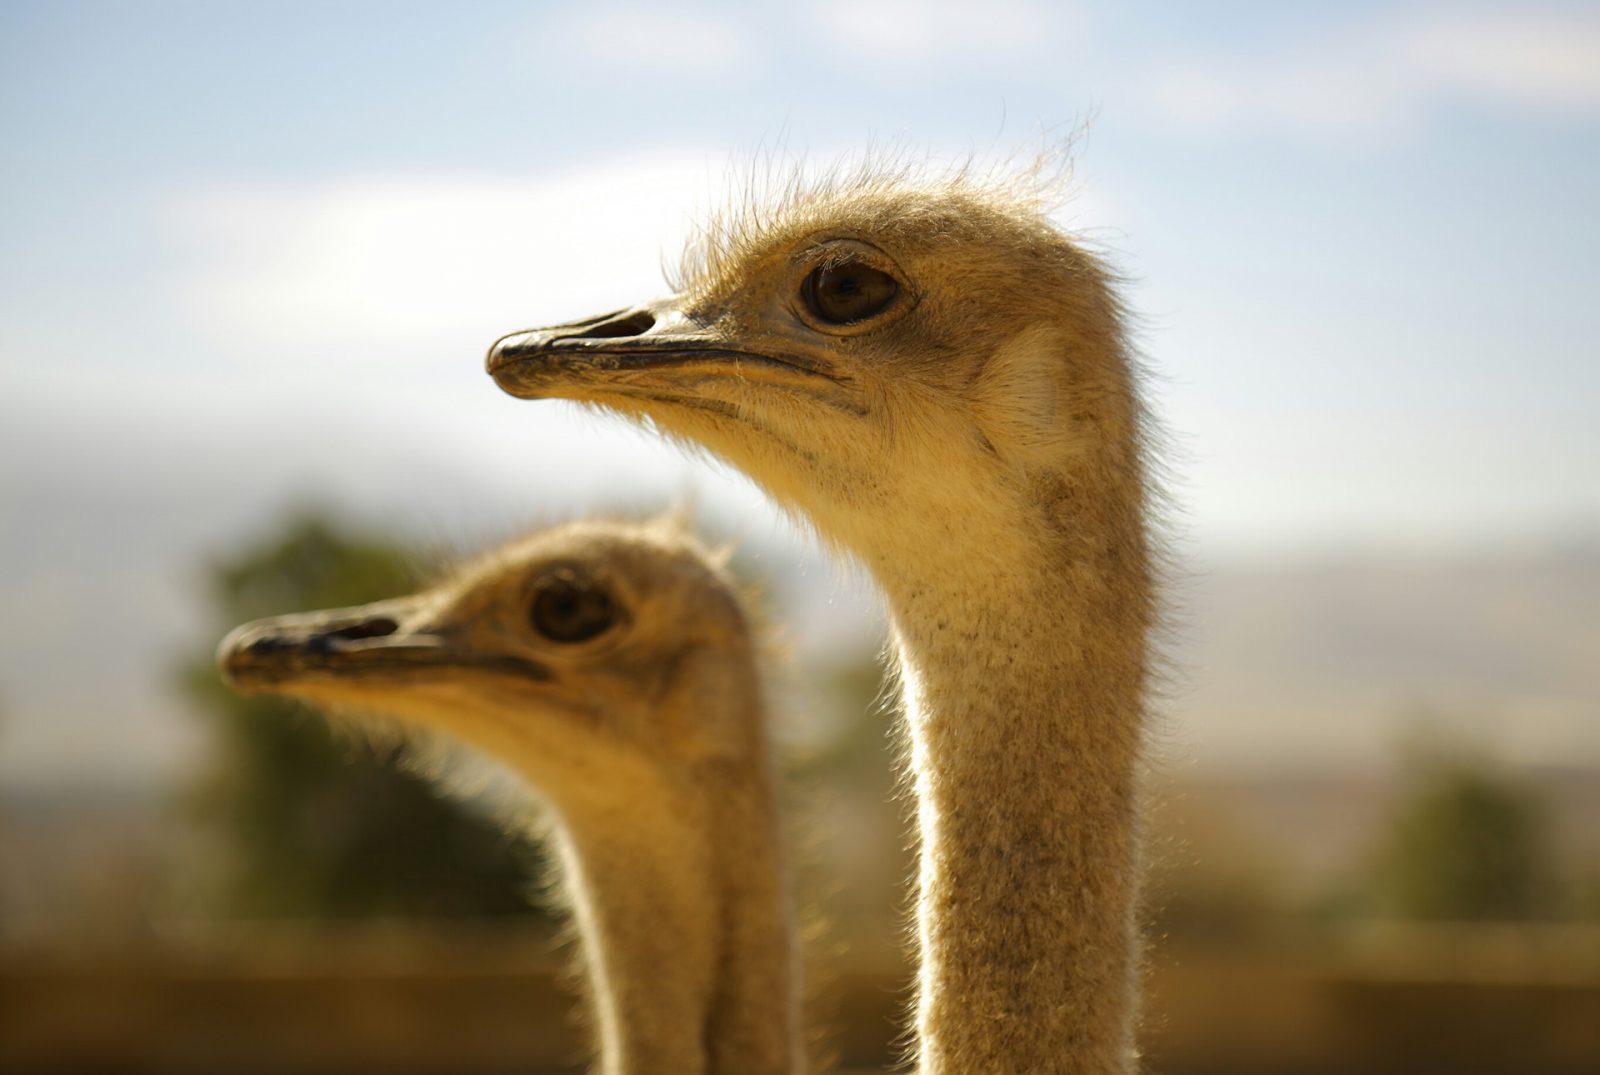 O avestruz é um animal onívoro.